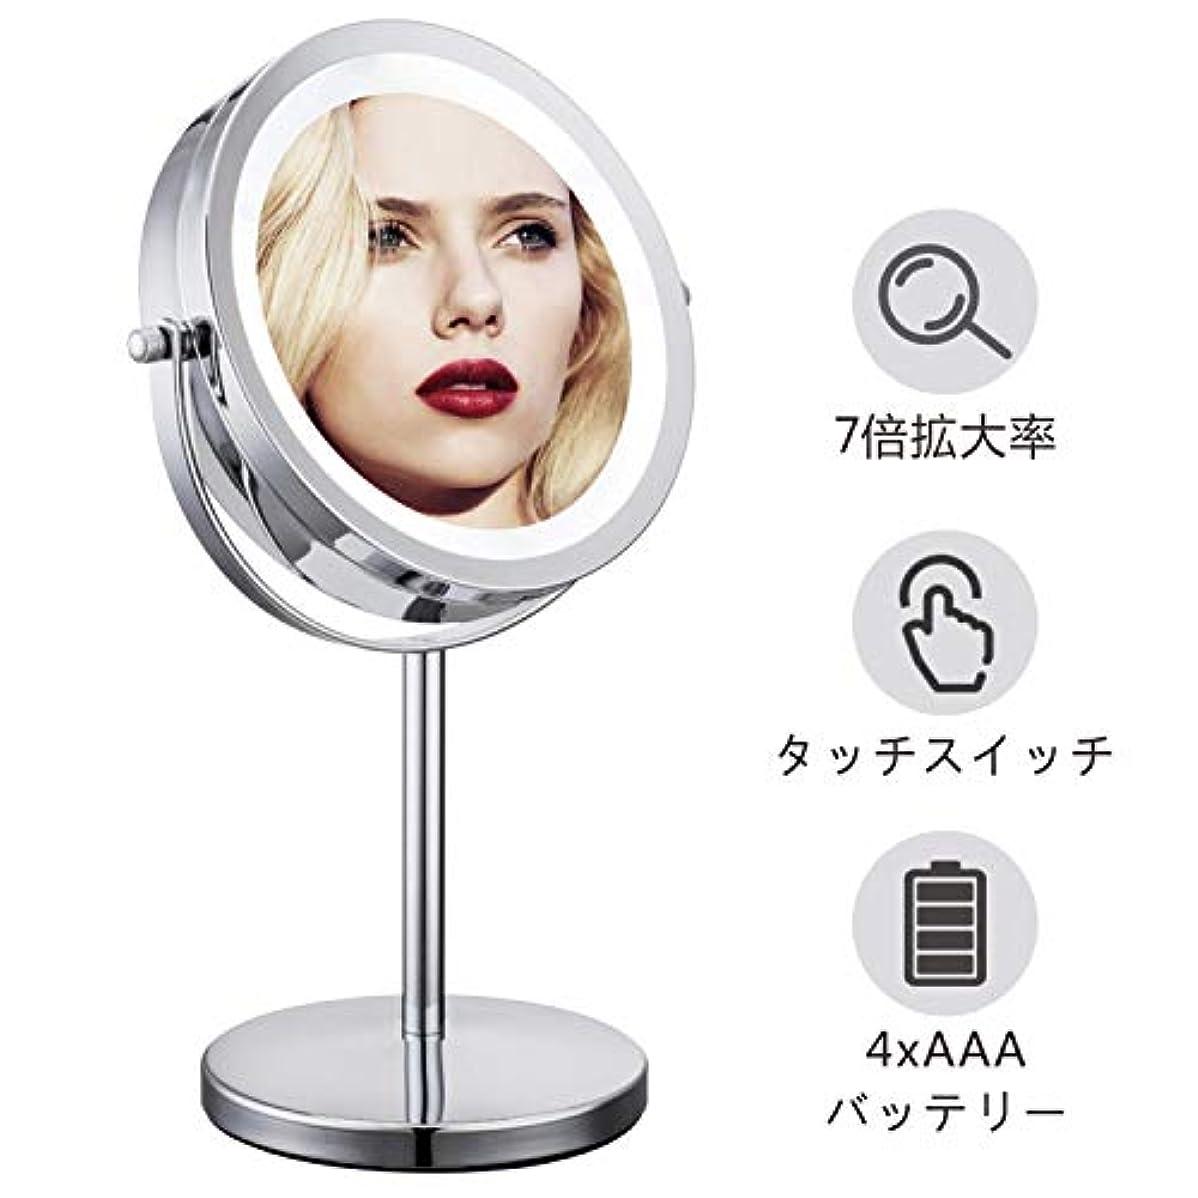 謎シーサイド毛細血管Minracler 化粧鏡 7倍拡大 卓上 化粧ミラー led両面鏡 明るさ調節可能 360度回転 (鏡面155mmΦ) 電池給電